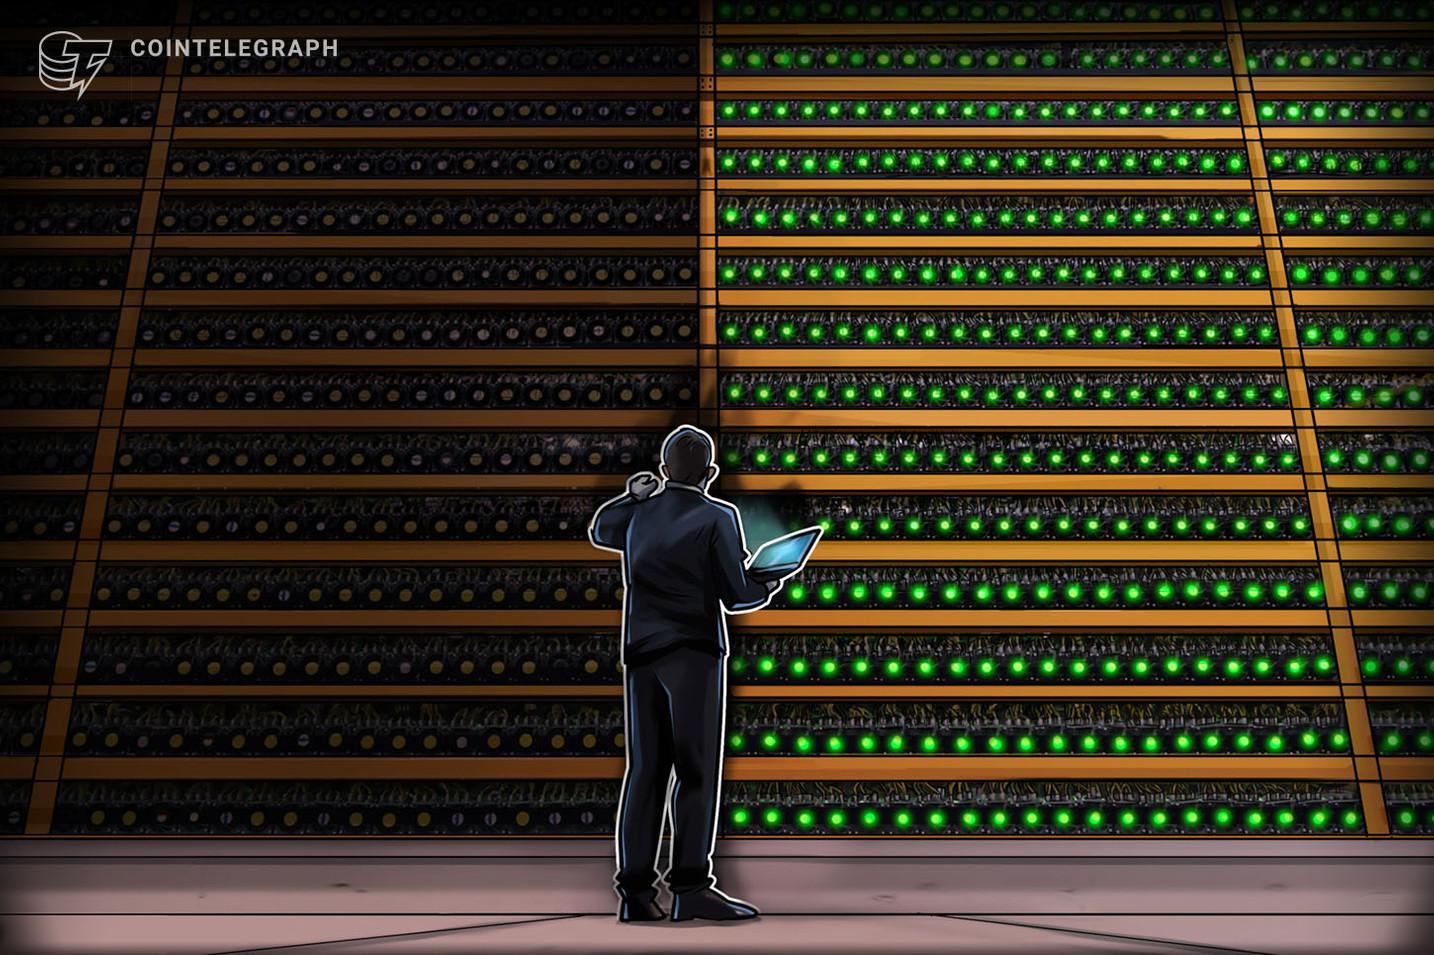 Una empresa estadounidense compra 17,000 equipos de minería de Bitcoin a Bitmain